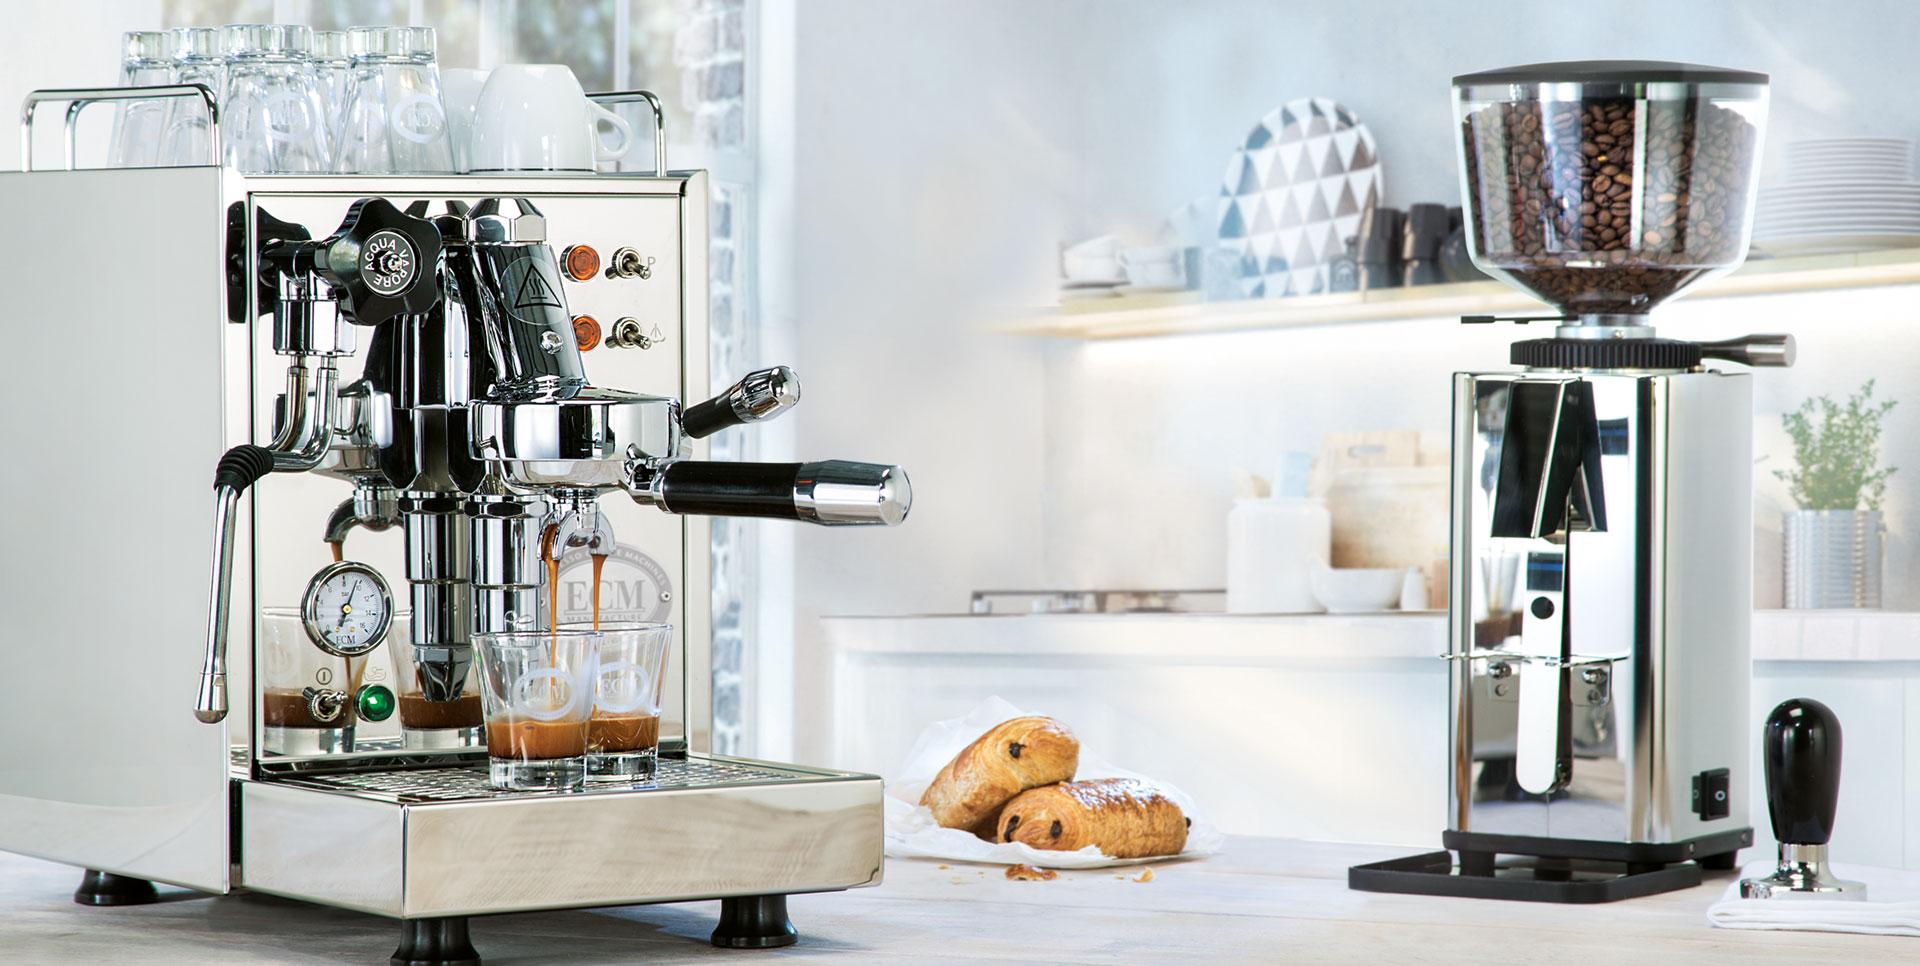 ECM-Espressomaschine-Classika-II-Muehle